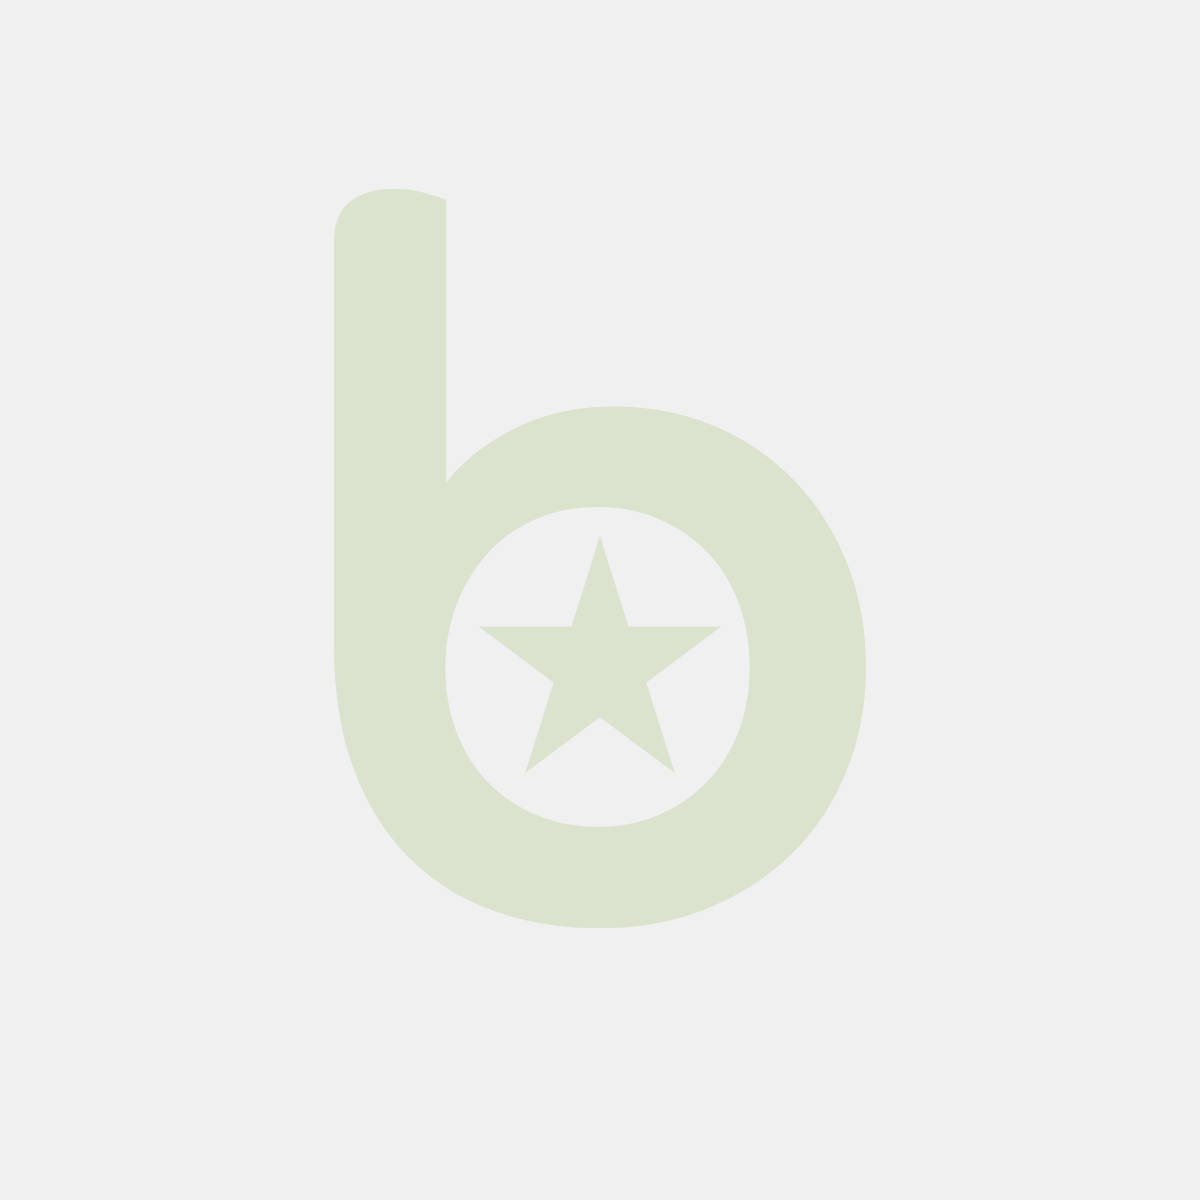 Miseczka owalna 13x11x3,5cm czarna melamina